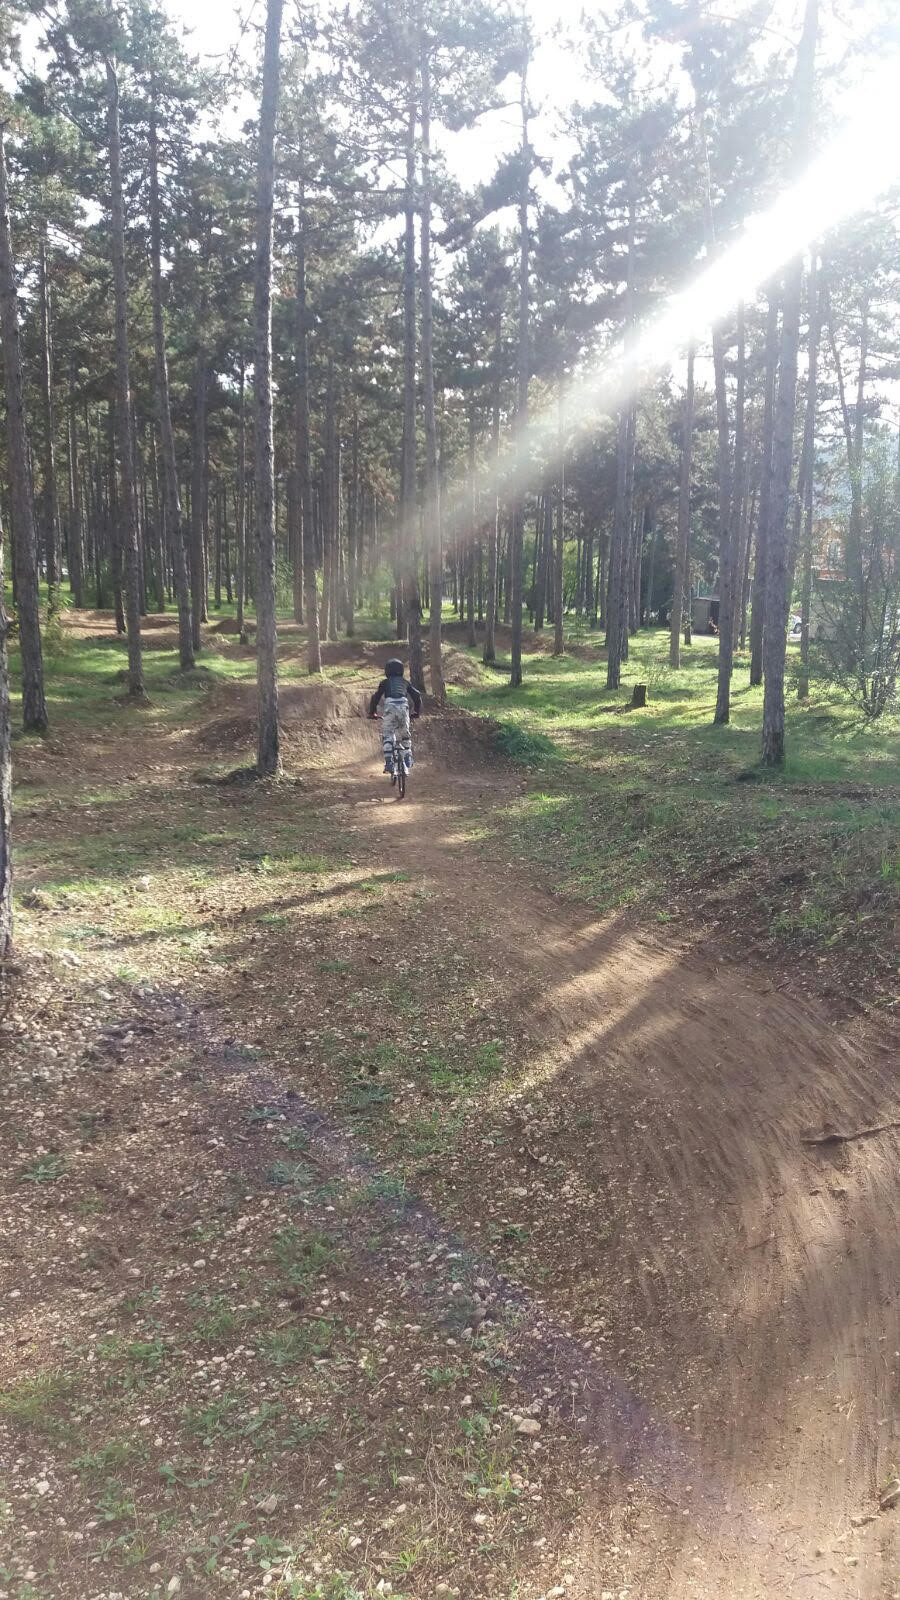 Domenica 23 ottobre ad Avezzano inaugurazione della mini-pista BMX